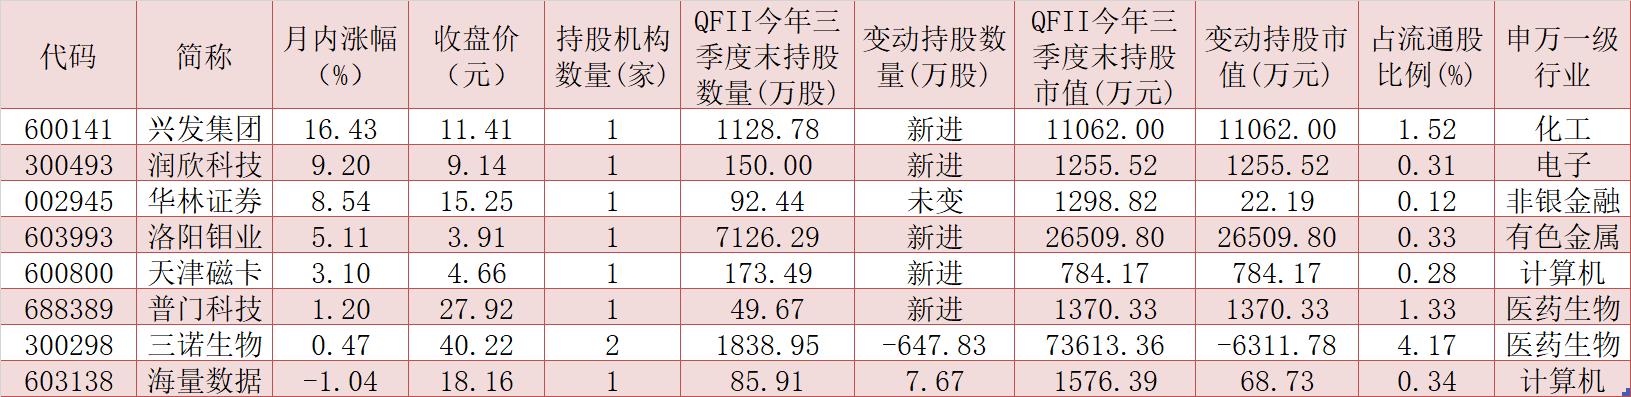 抢先看!三季度QFII最新持仓出炉,斥资逾4亿元新进增持6只个股!